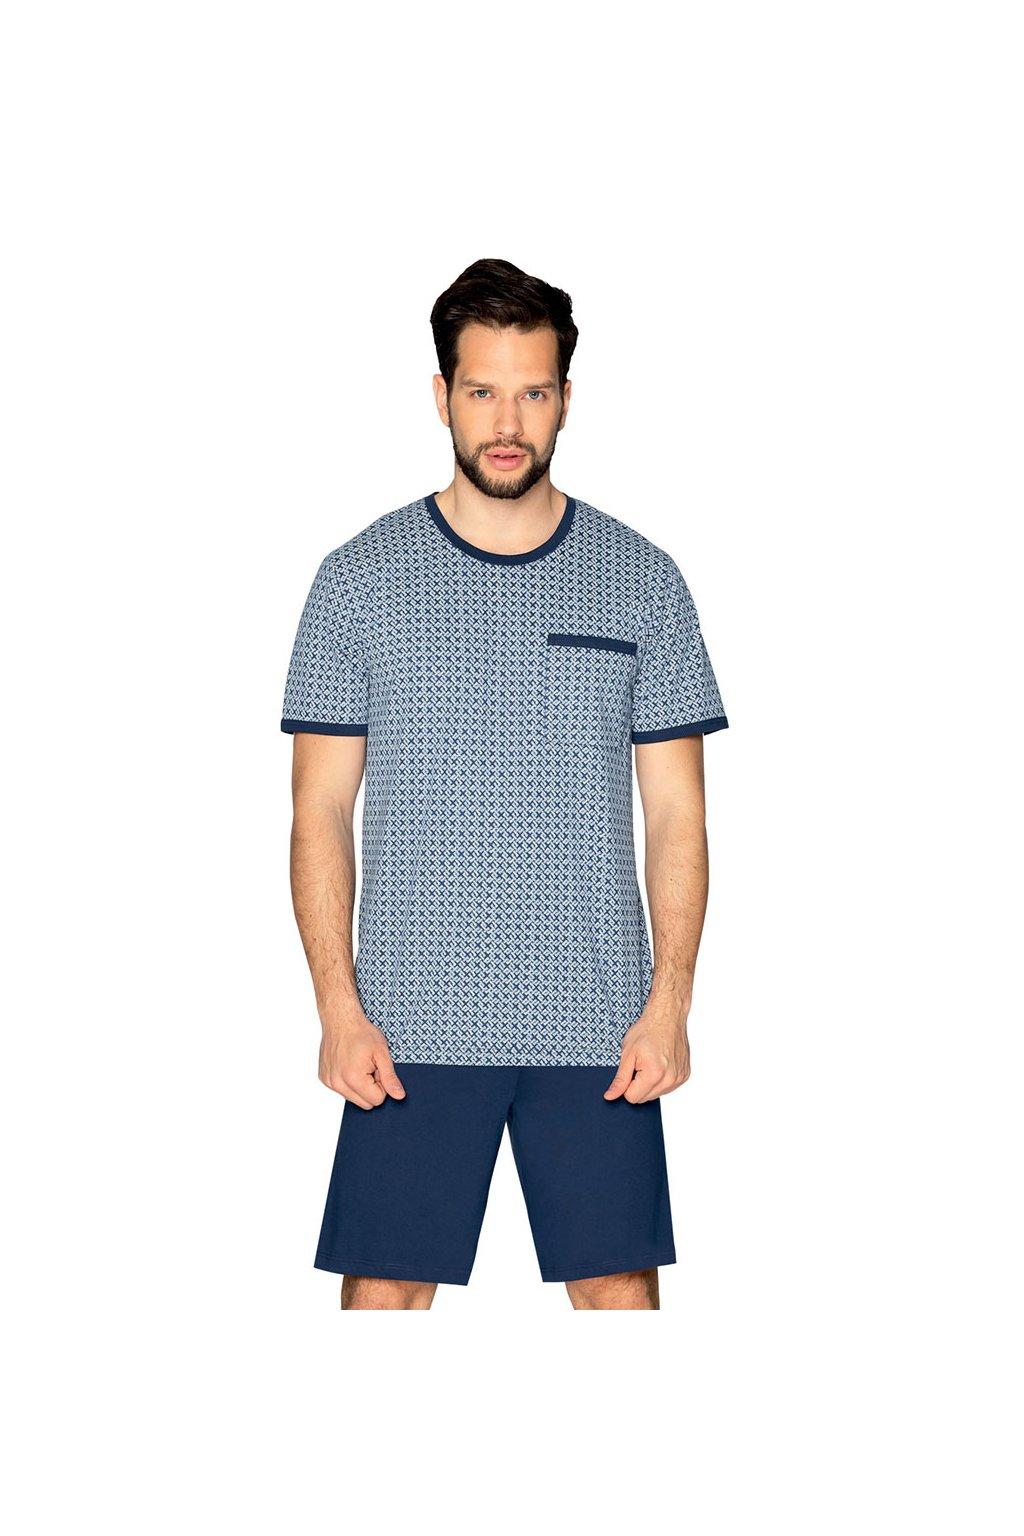 Pánské pyžamo s krátkým rukávem, 204121 208, modrá